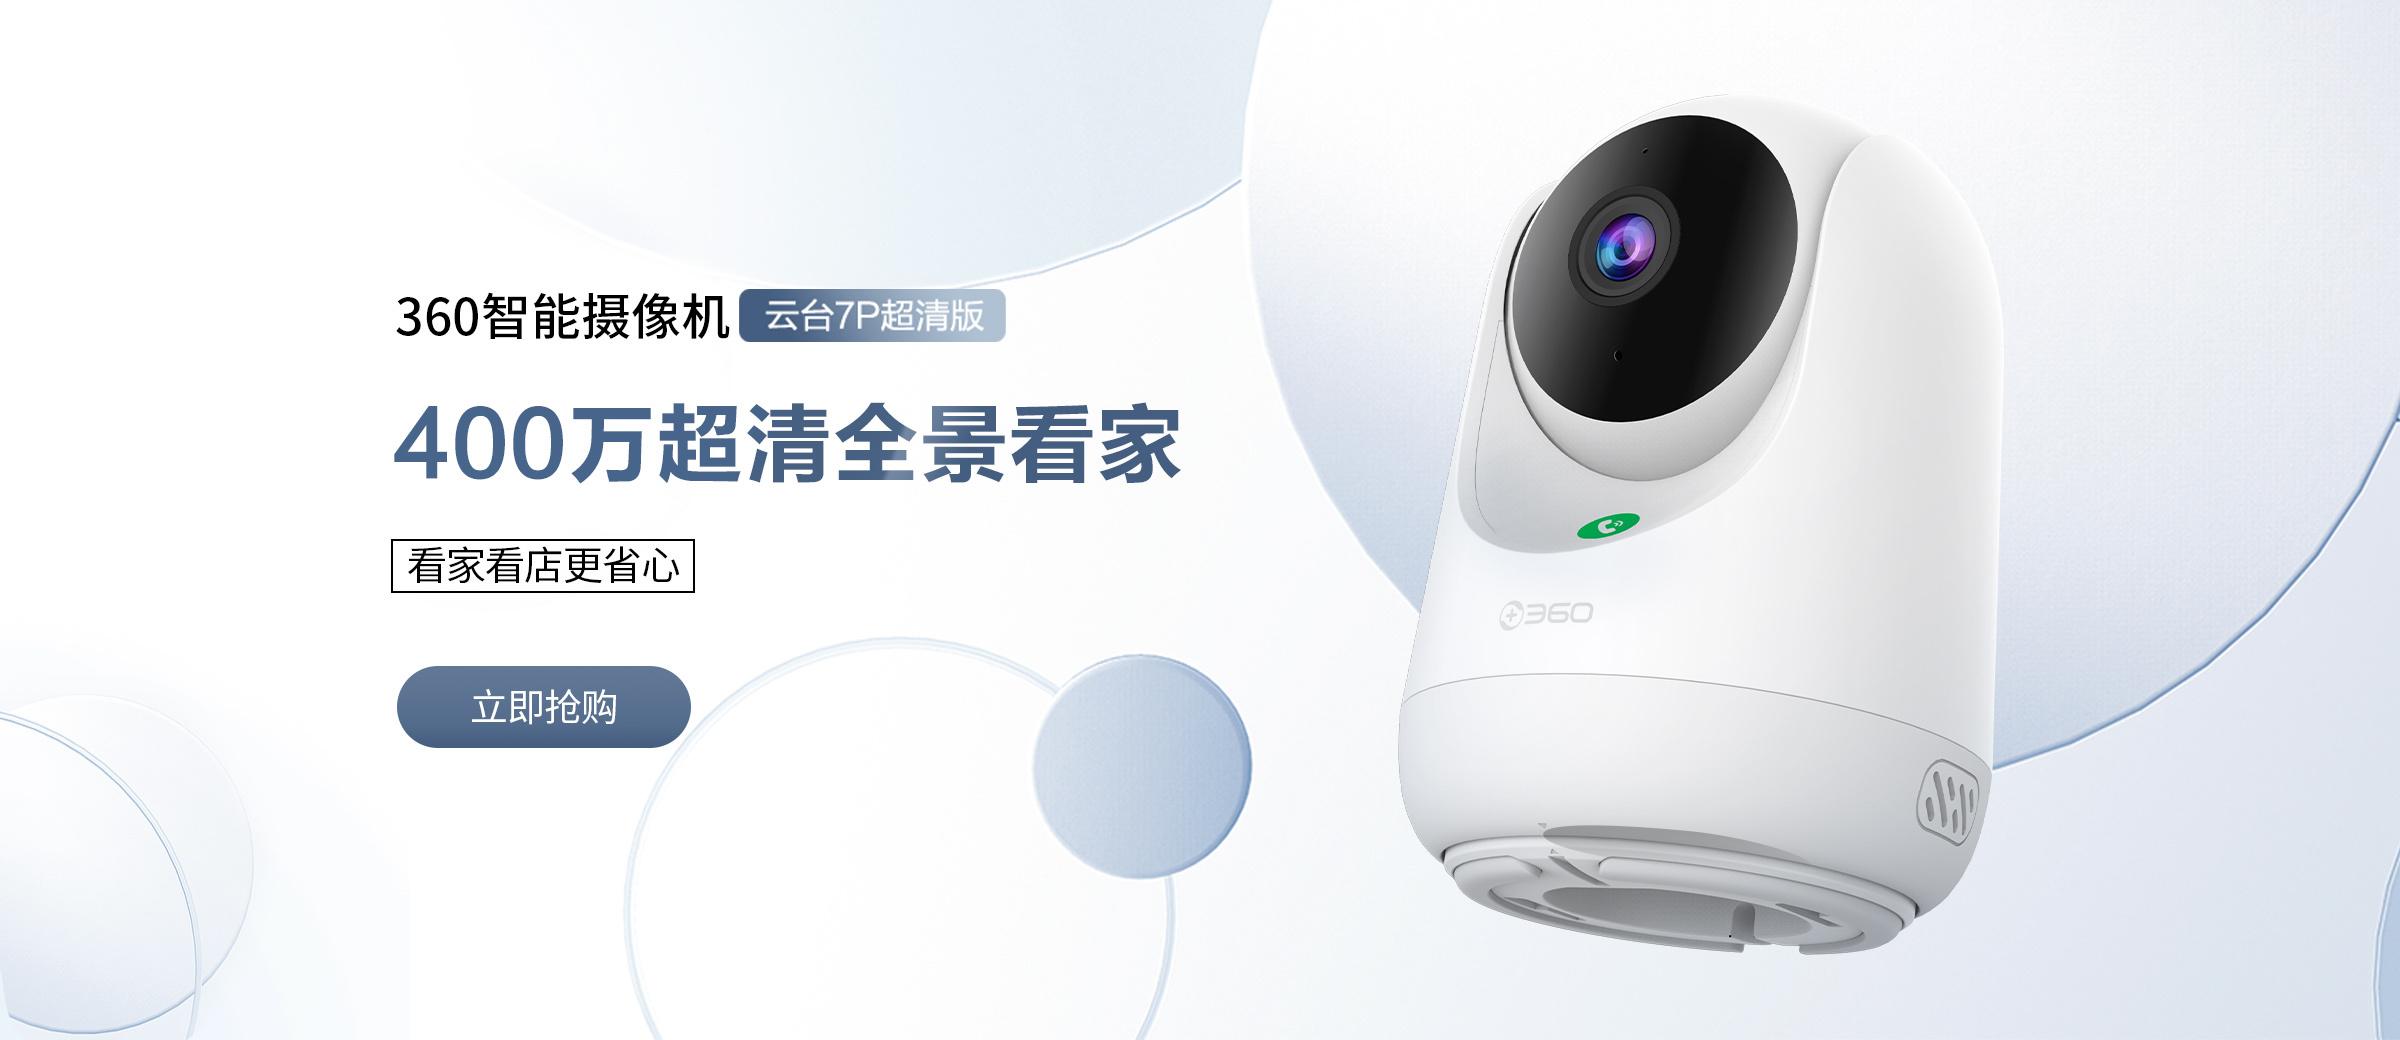 360智能摄像机云台7P超清版